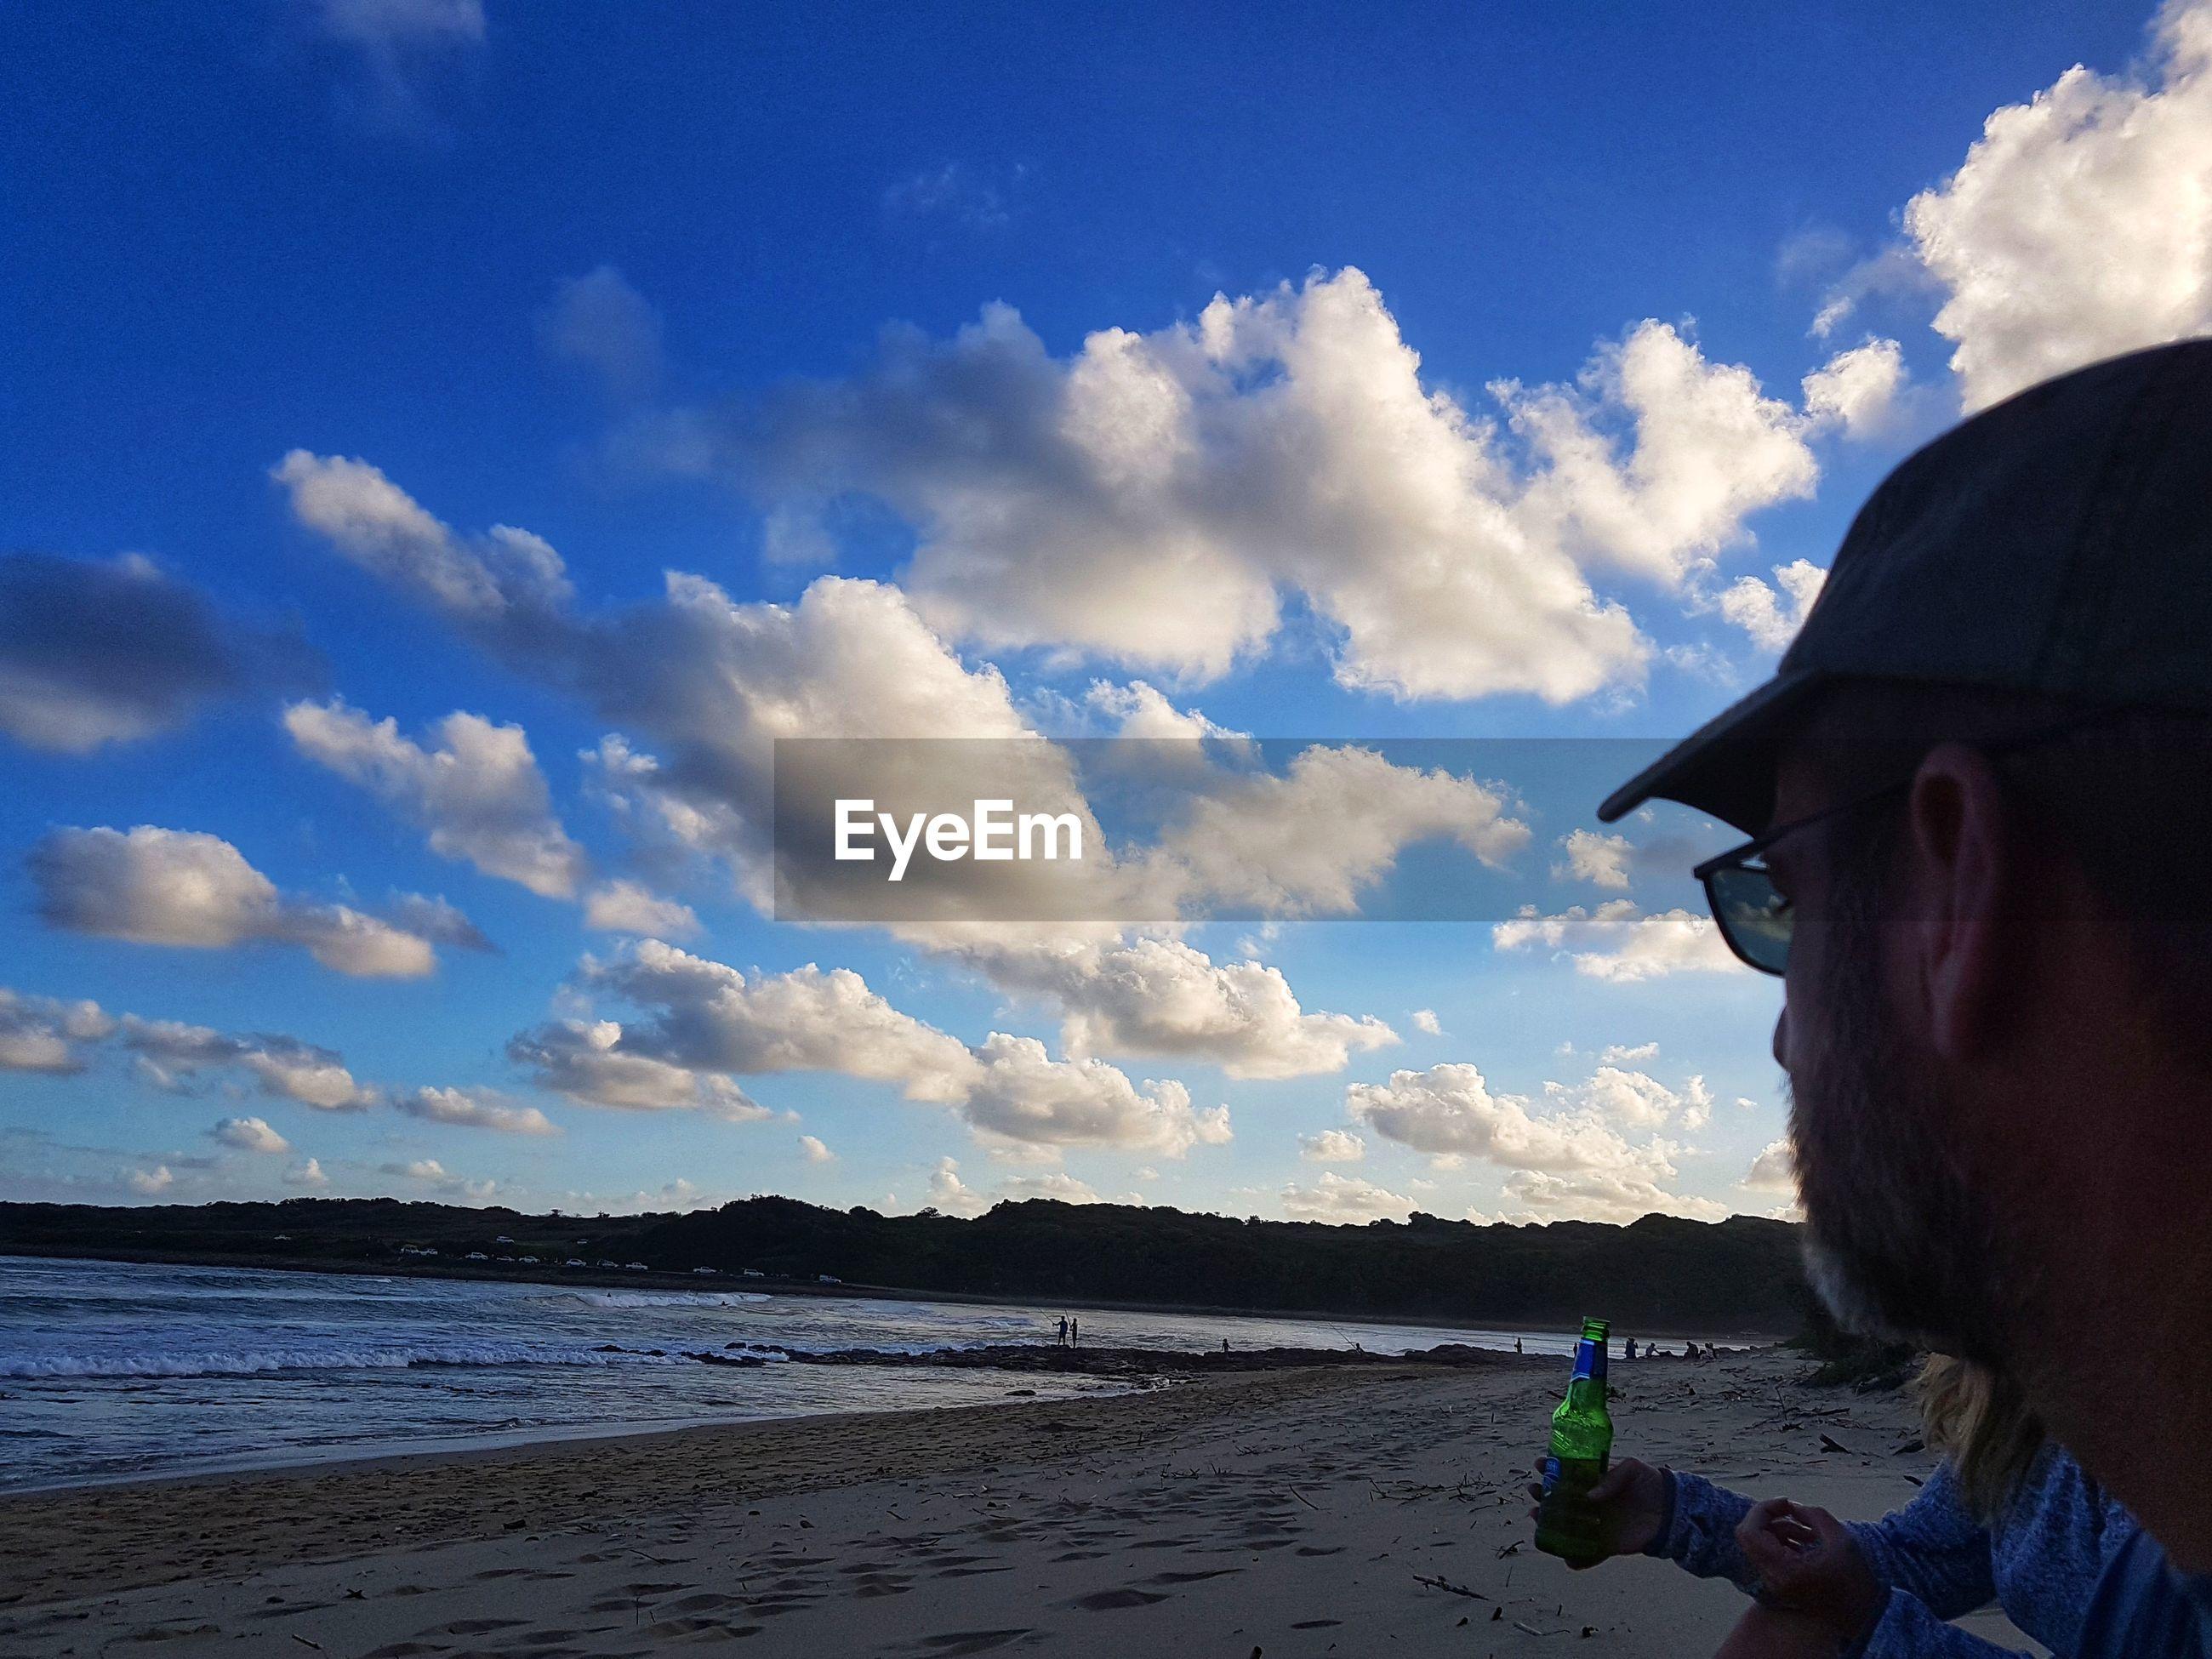 CLOSE-UP OF MAN AT BEACH